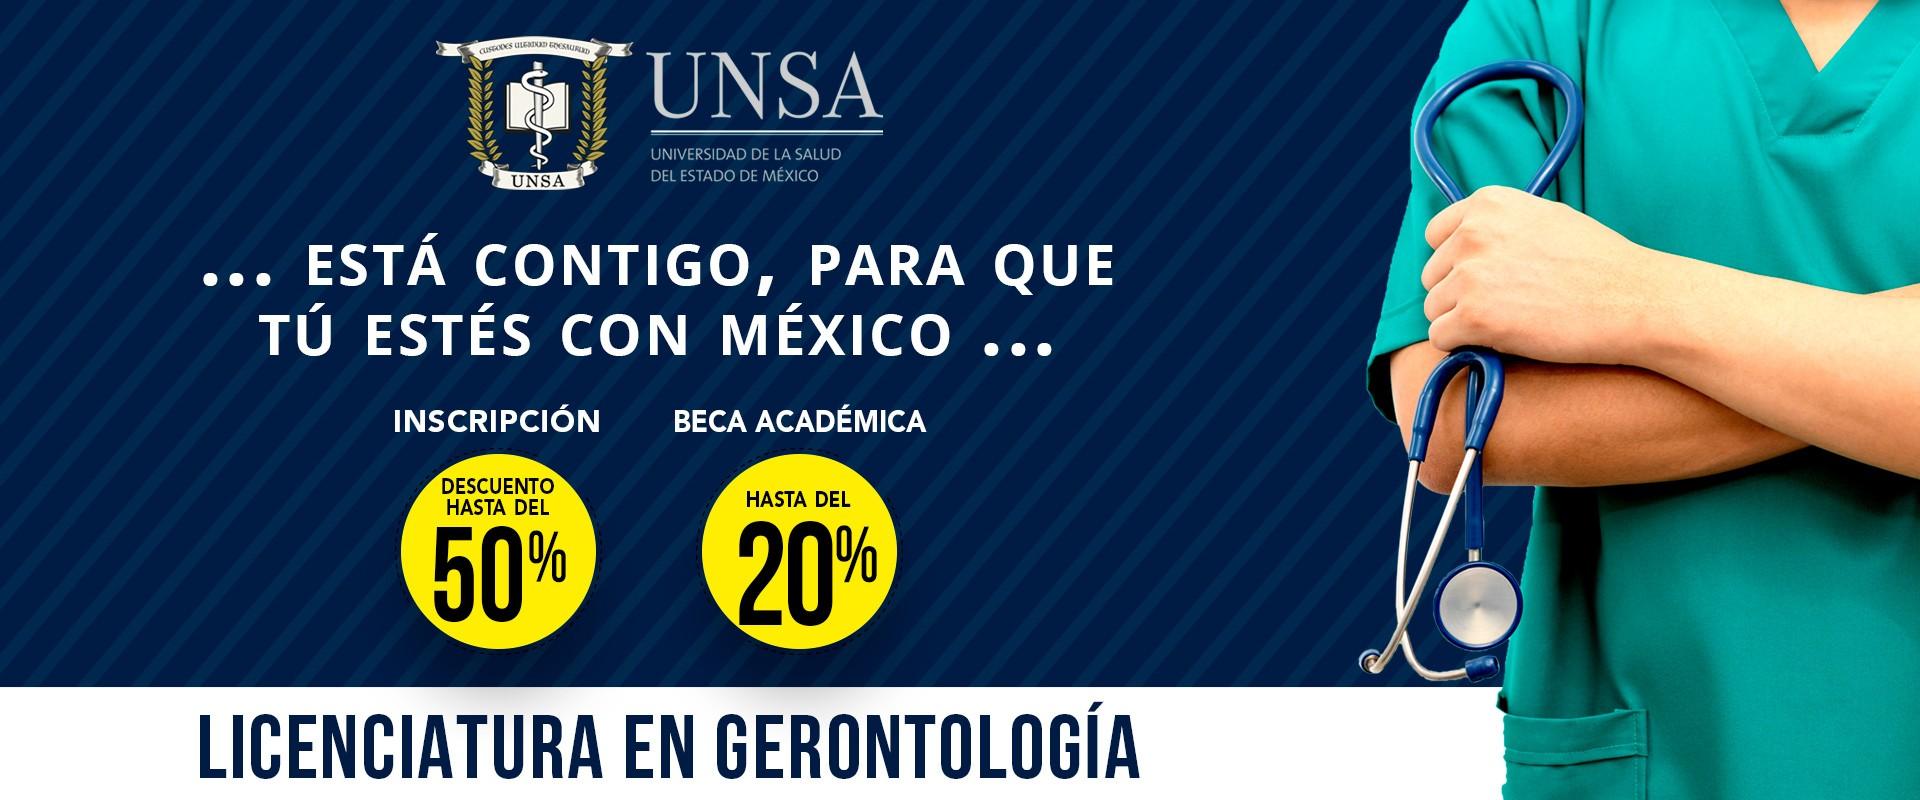 UNSA - Licenciatura de Gerontología